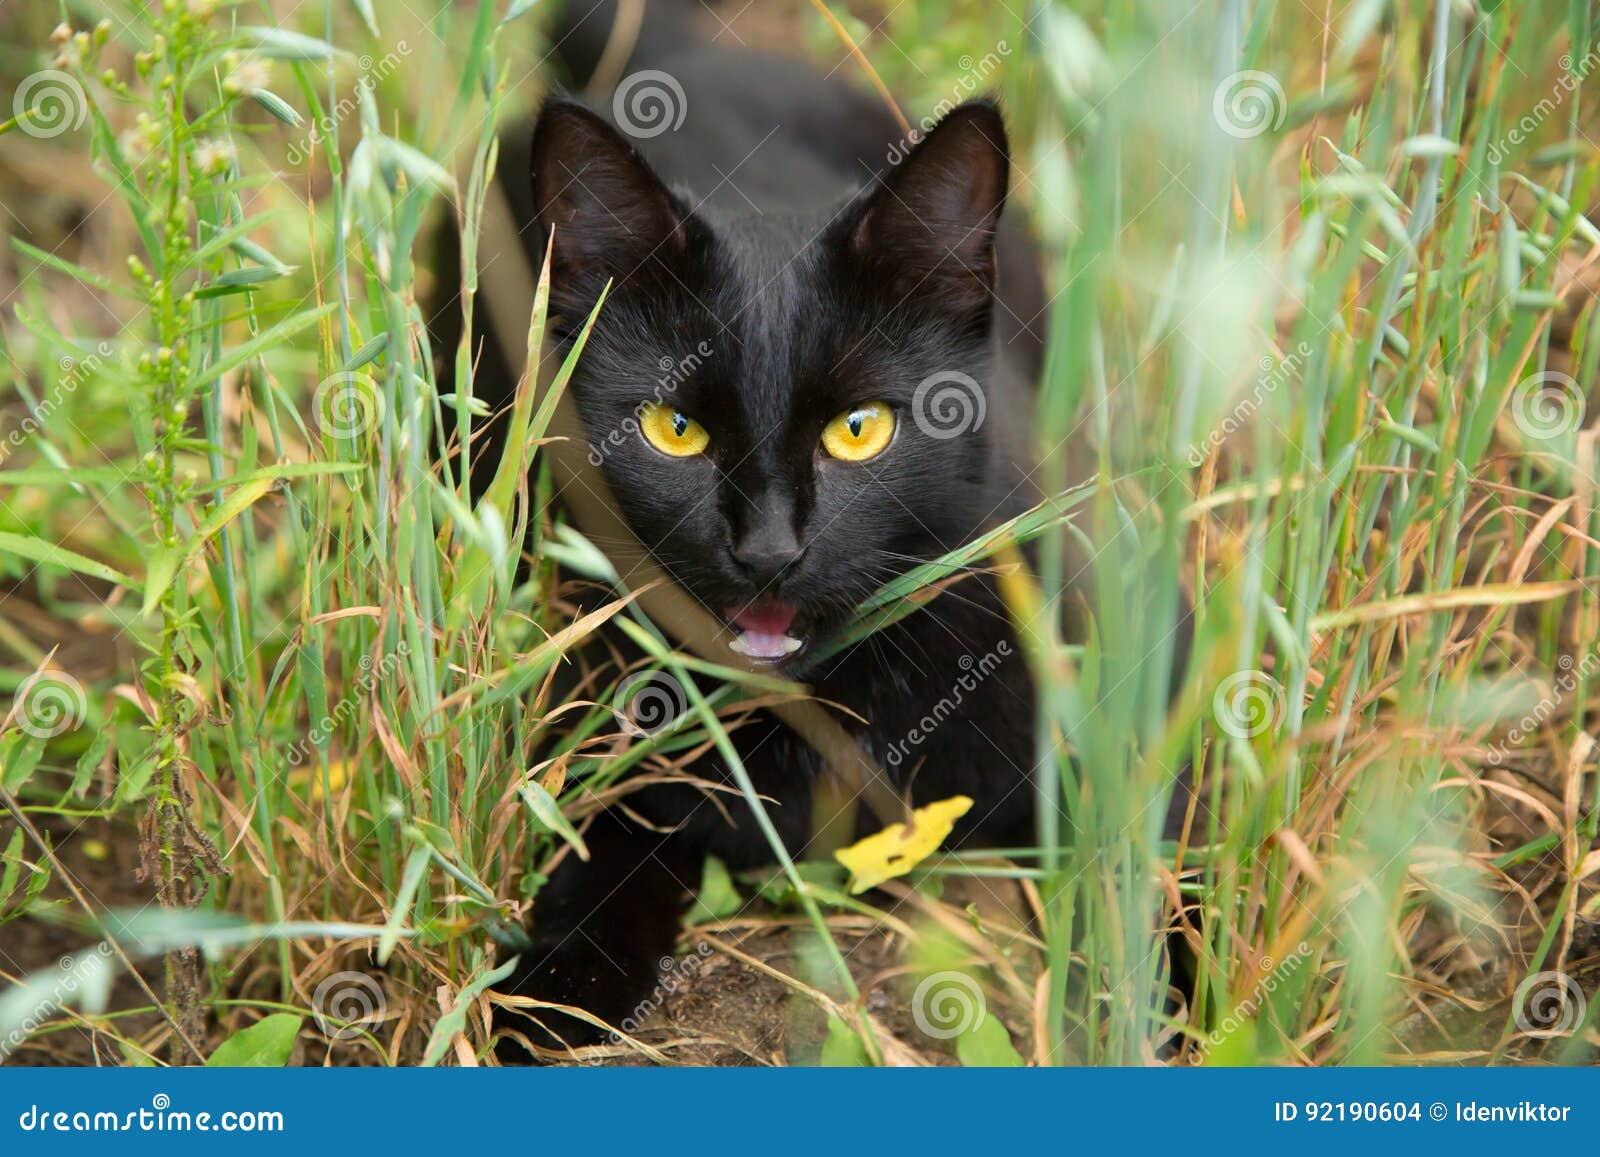 lustige schwarze katze mit gelben augen drau en im gras stockfoto bild 92190604. Black Bedroom Furniture Sets. Home Design Ideas